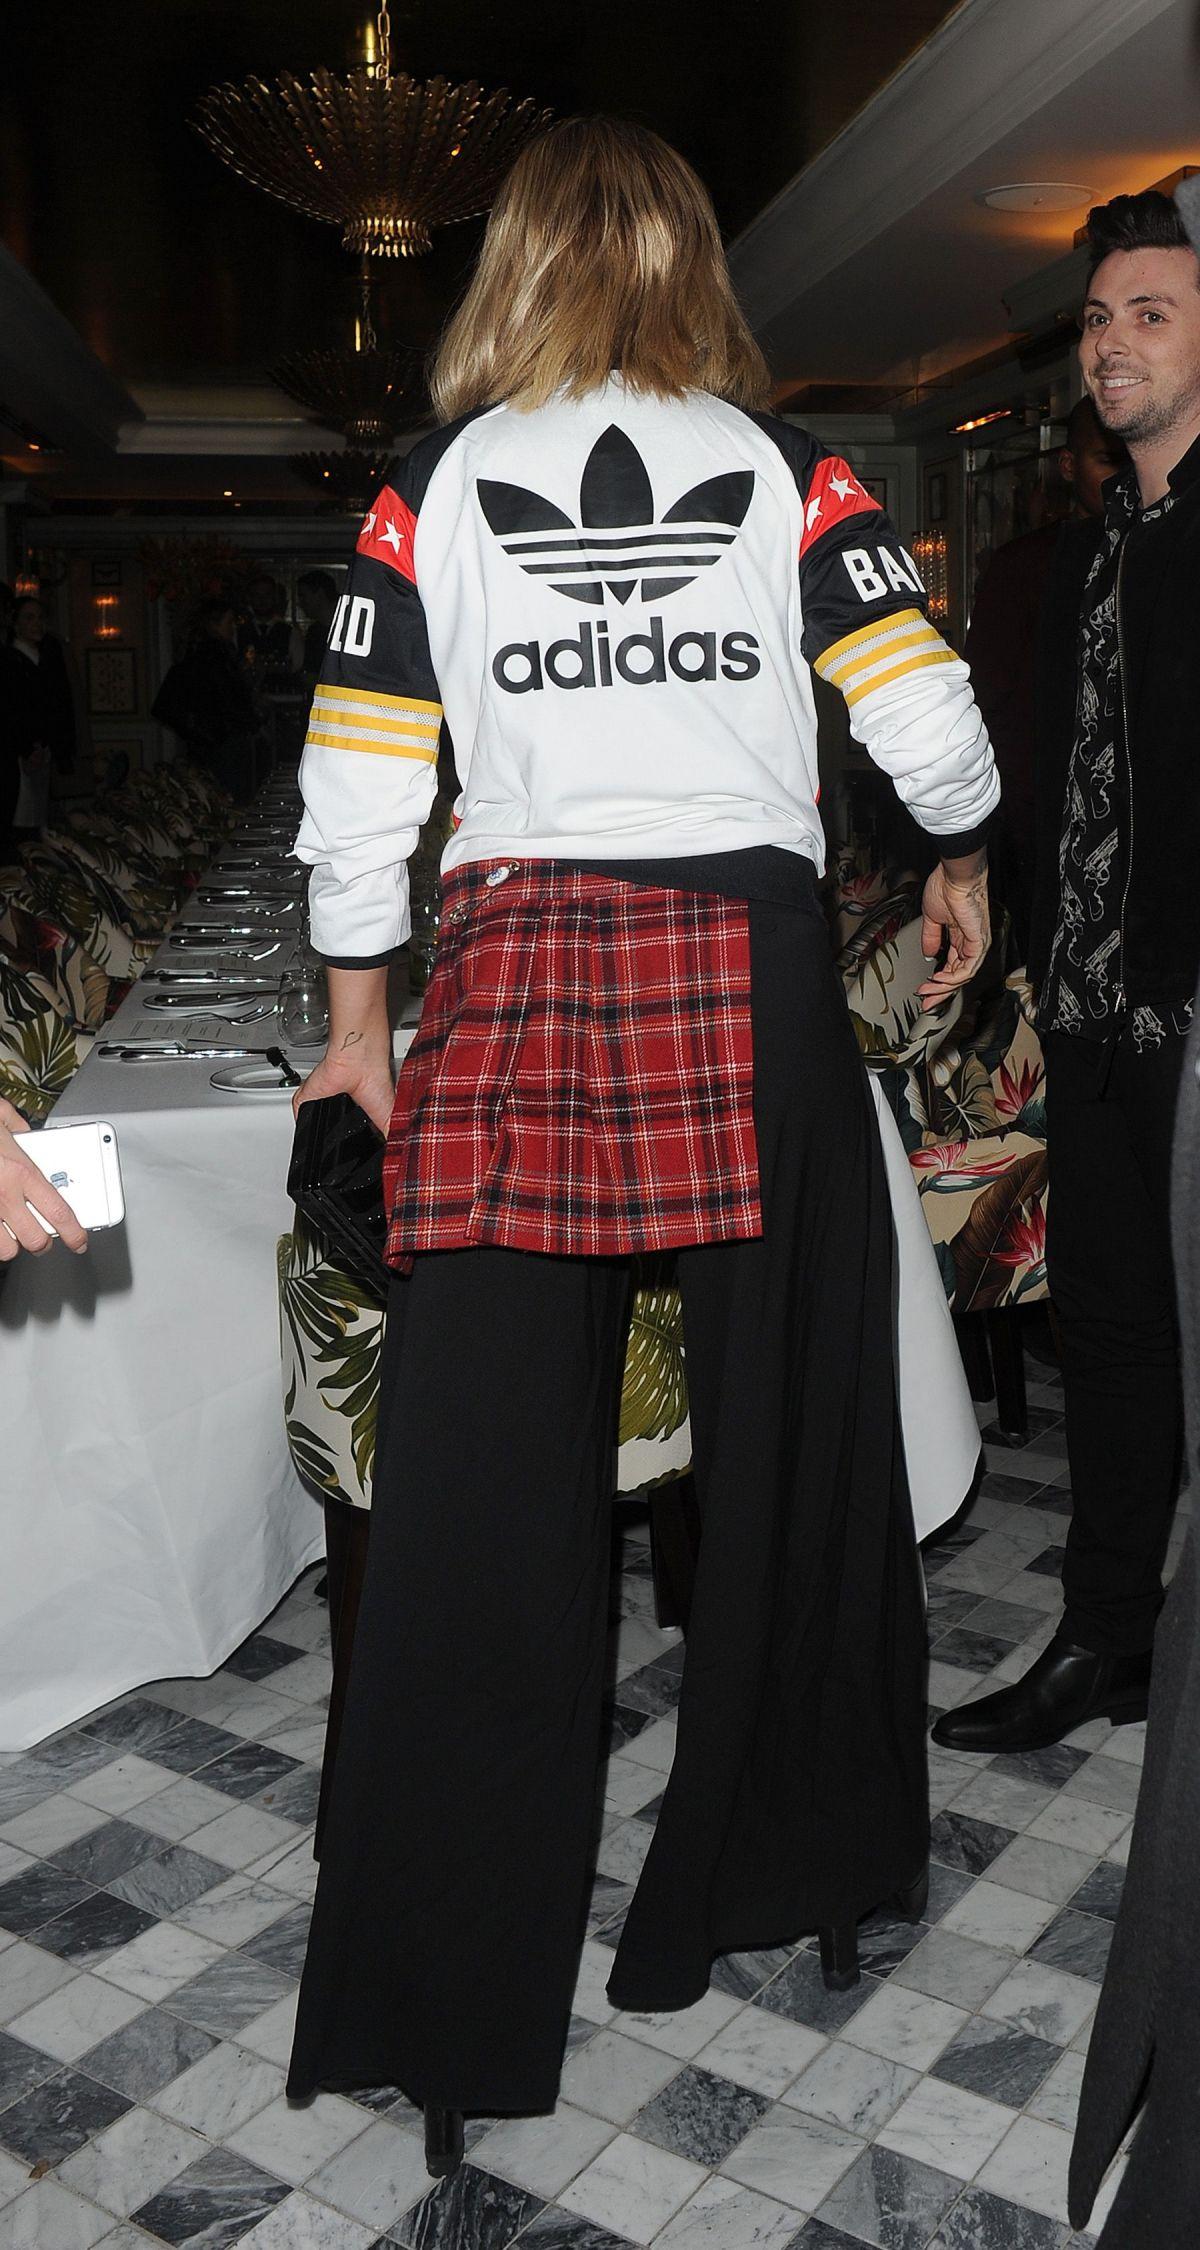 RITA ORA la llega a la de cena de HawtCelebs Adidas en Londres 23/11/2016 HawtCelebs fab4200 - www.colja.host